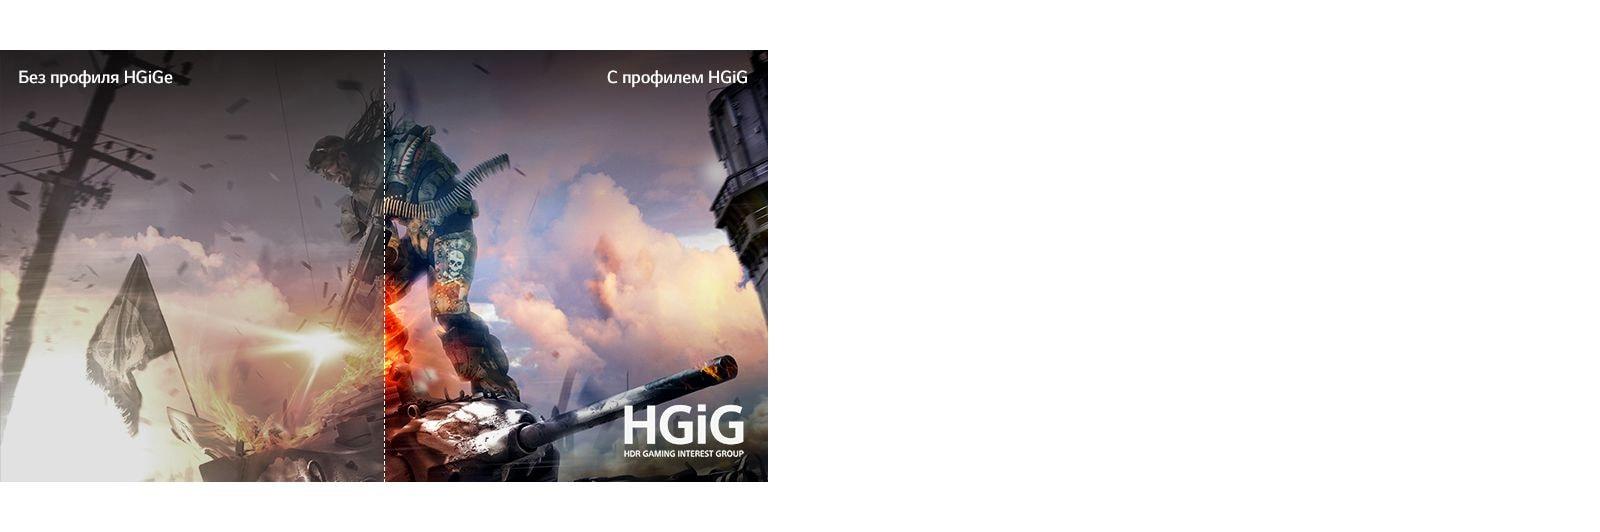 Игра в режиме HDR с максимальным погружением1